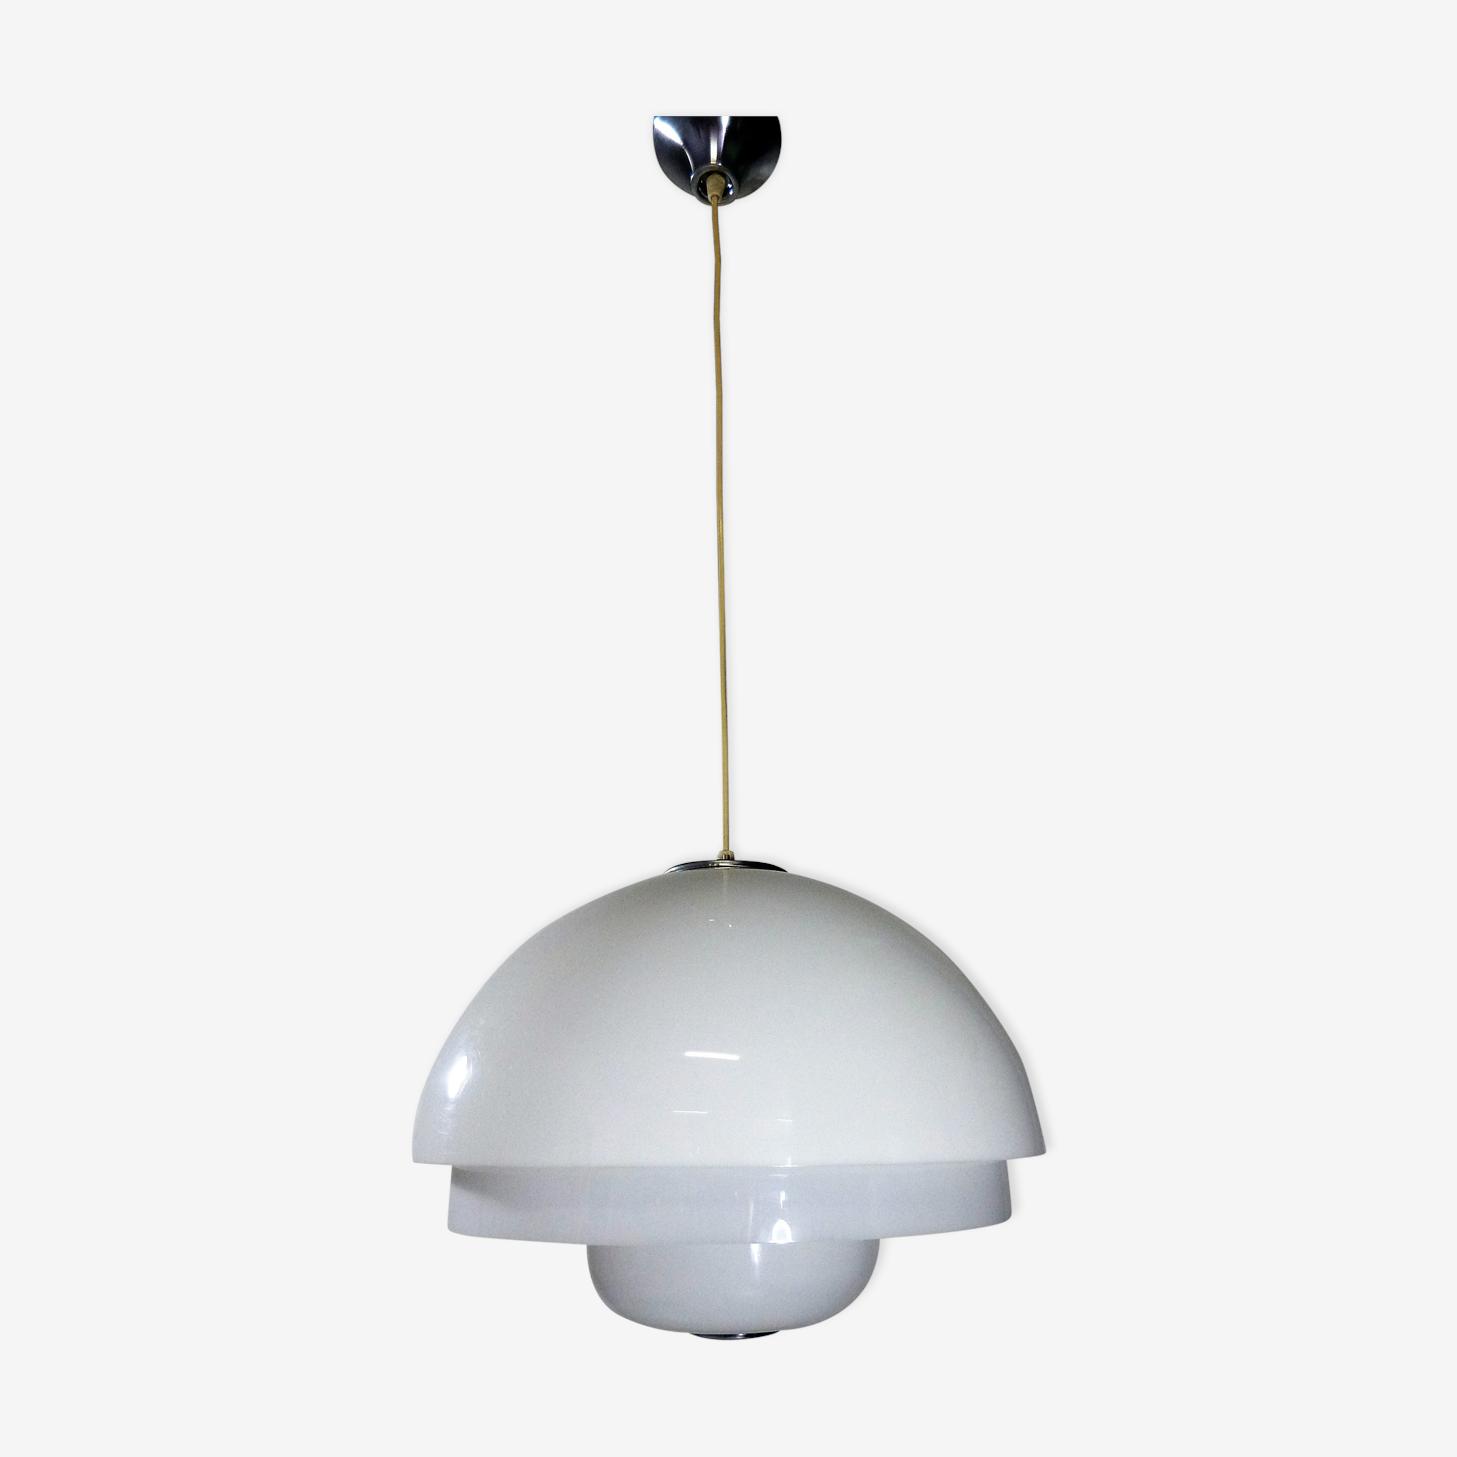 Hanging lamp Granada by Luigi Massoni for Harvey Guzzini, Italy